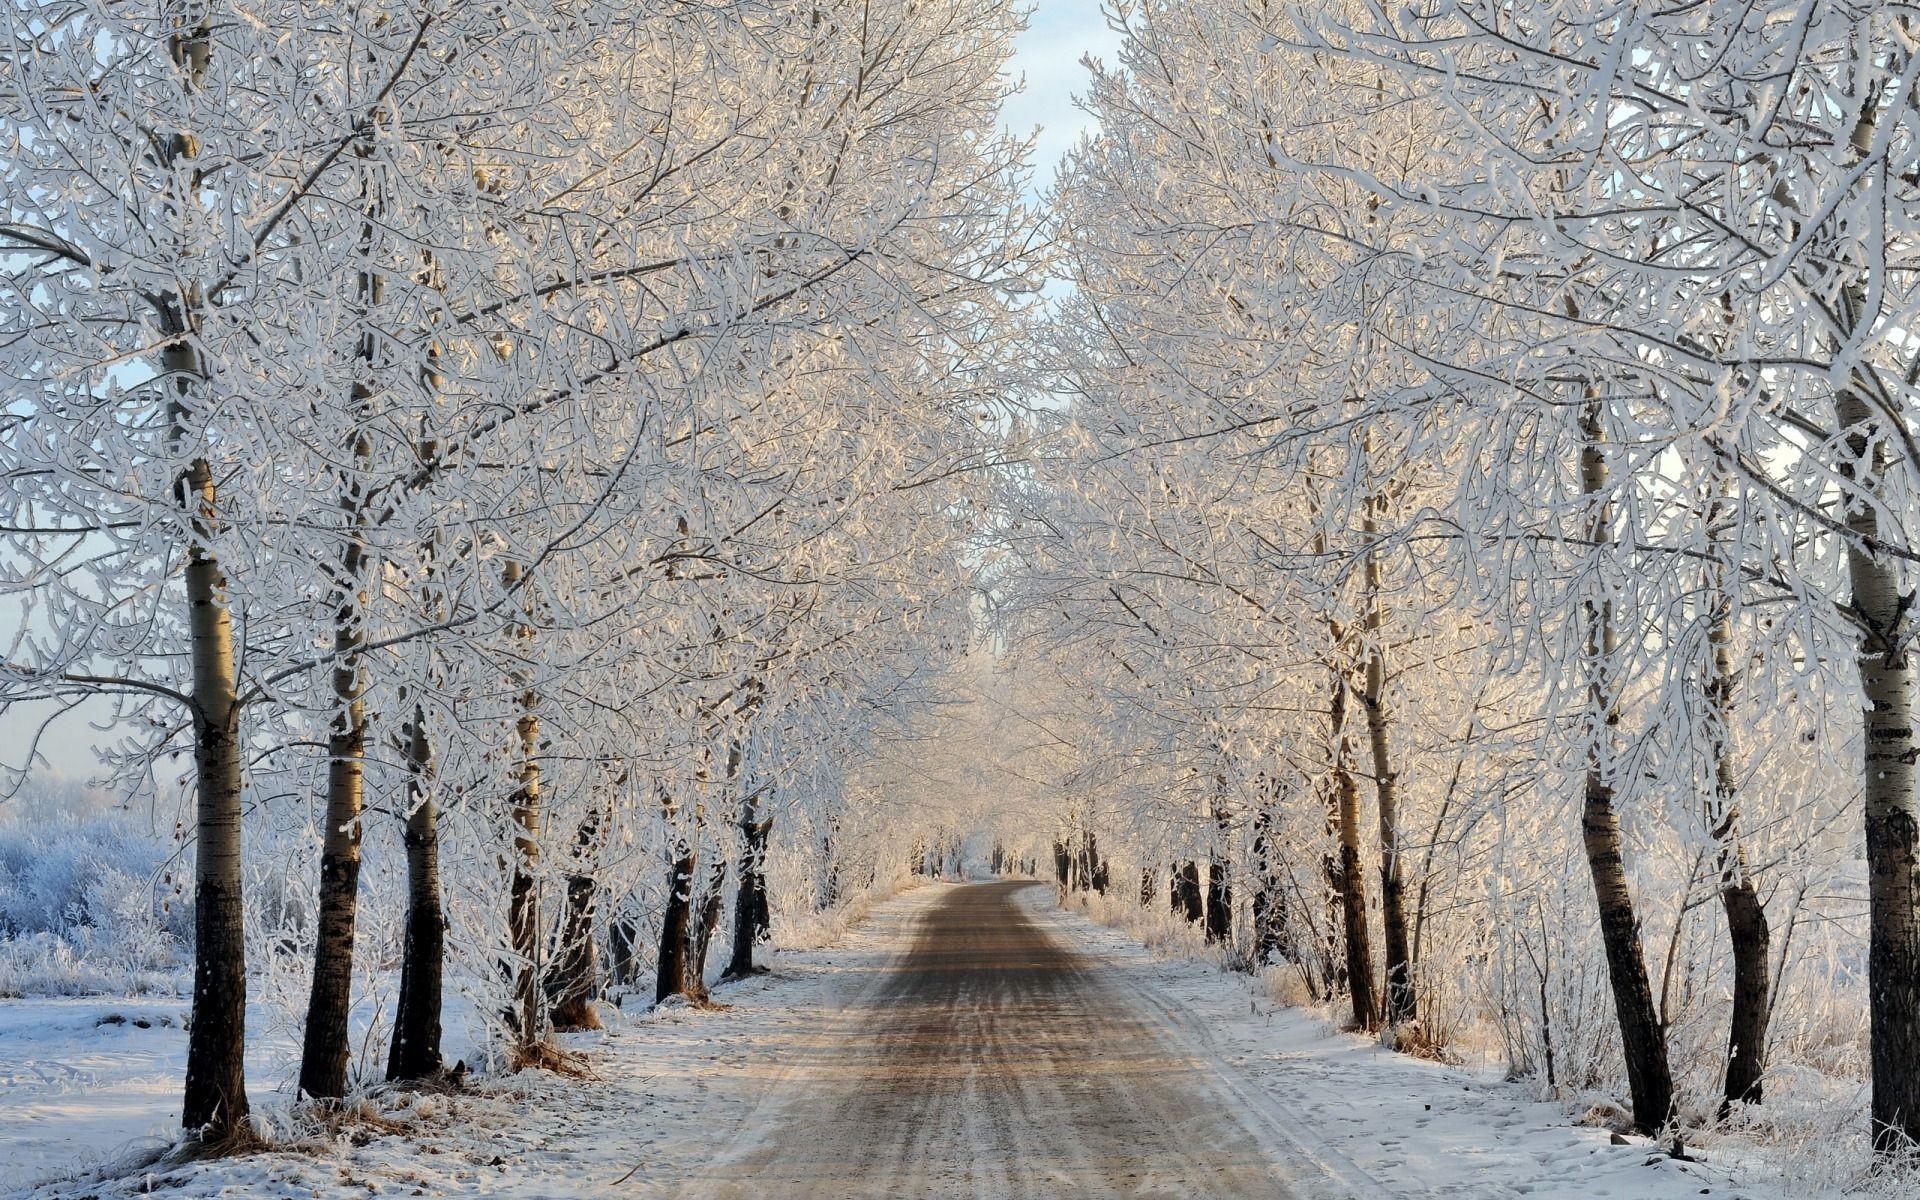 Sfondi tumblr bianco e nero 62 immagini for Sfondi gratis desktop inverno